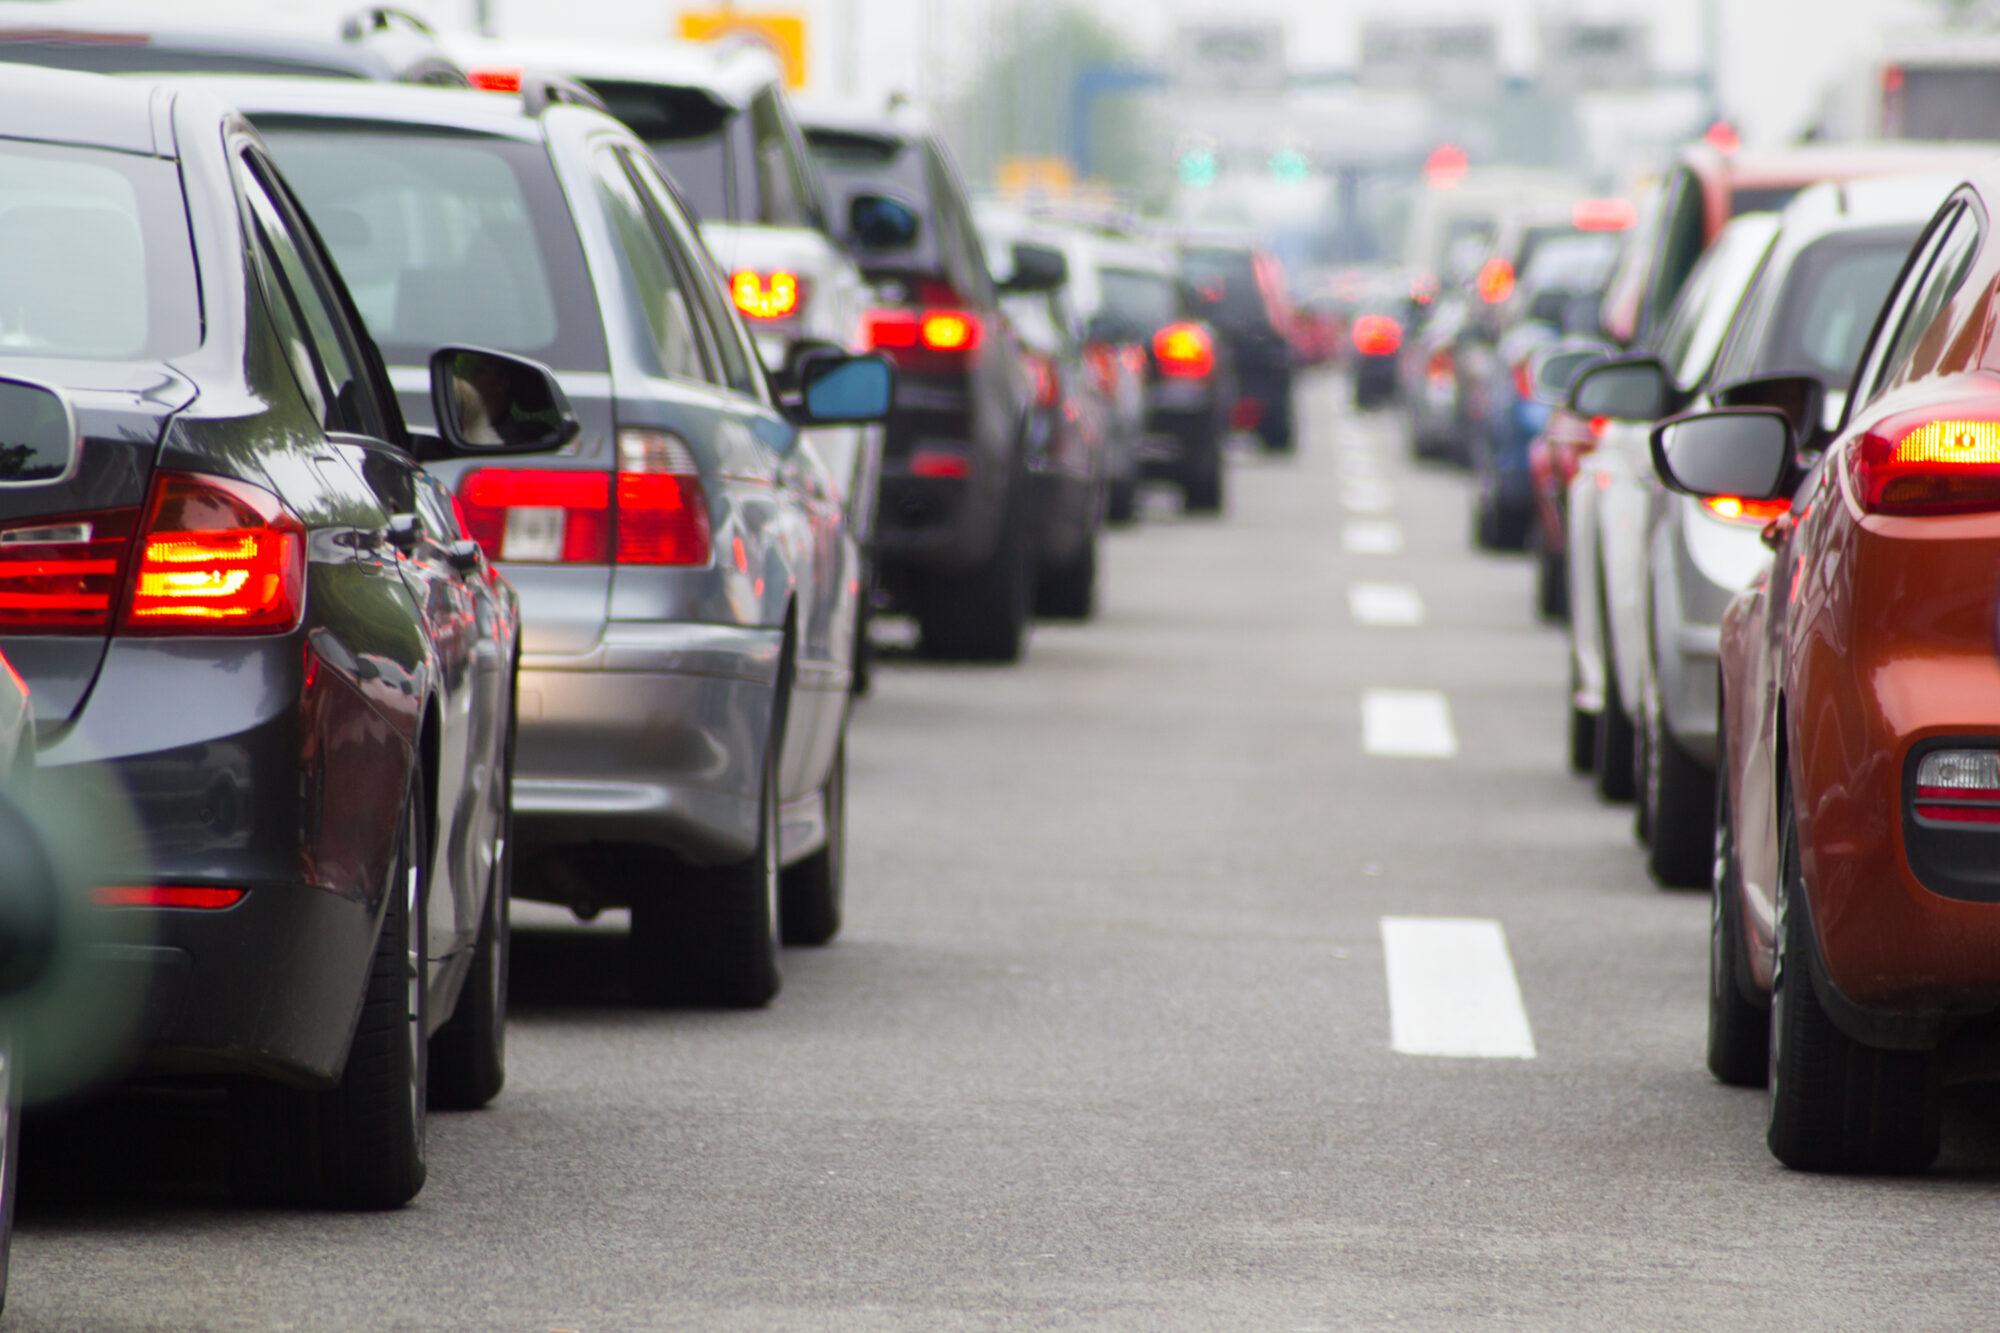 VVN Rijsimulator op Horecava moet toename alcohol in verkeer terugdraaien